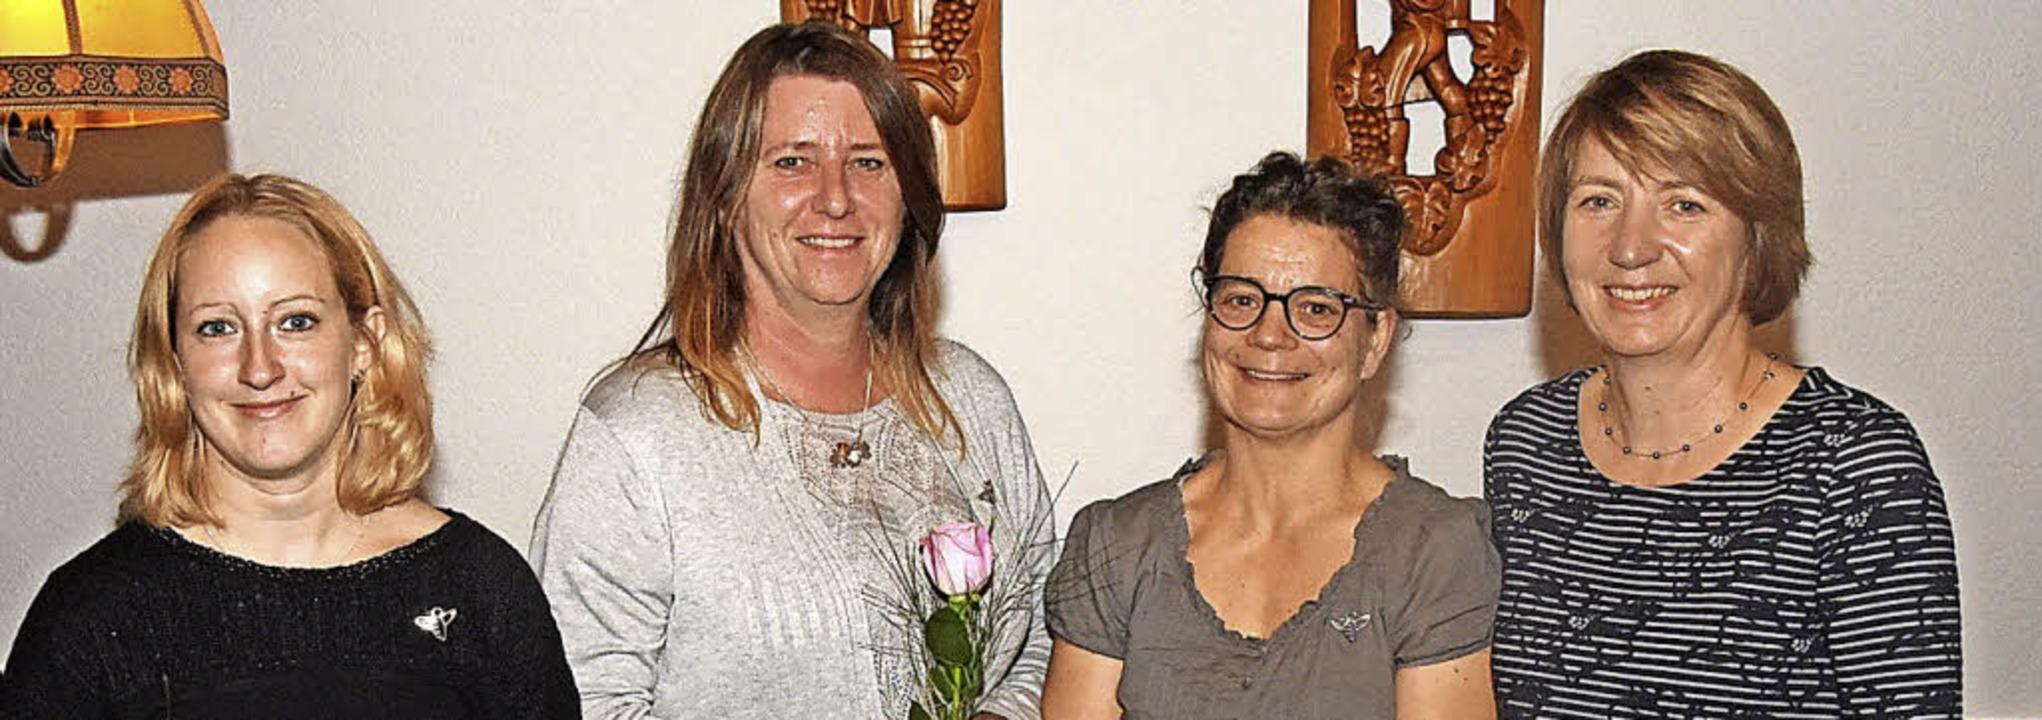 Mit der silbernen Biene ehrte Karin Sc...tner und Petra Dischinger (von links).  | Foto: Stefan Pichler